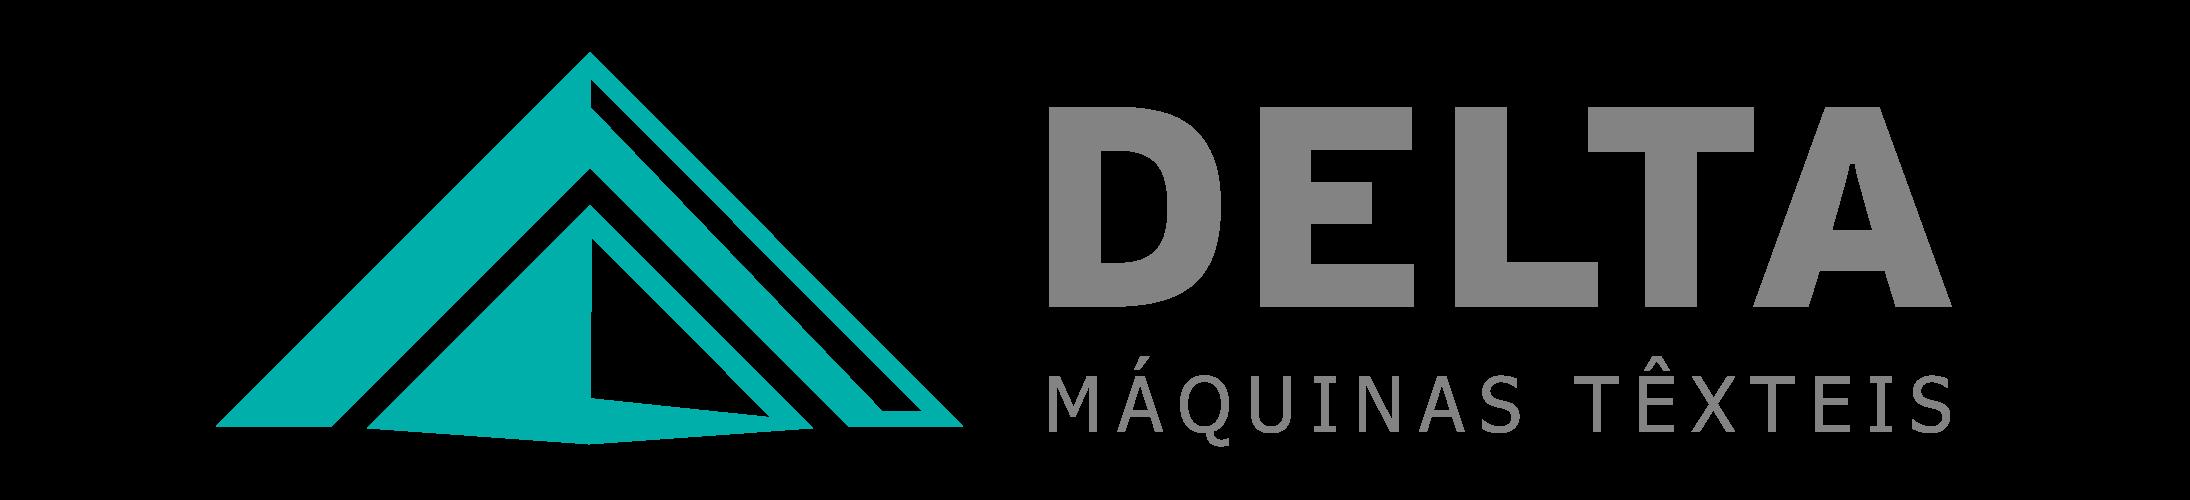 Delta Equipamentos